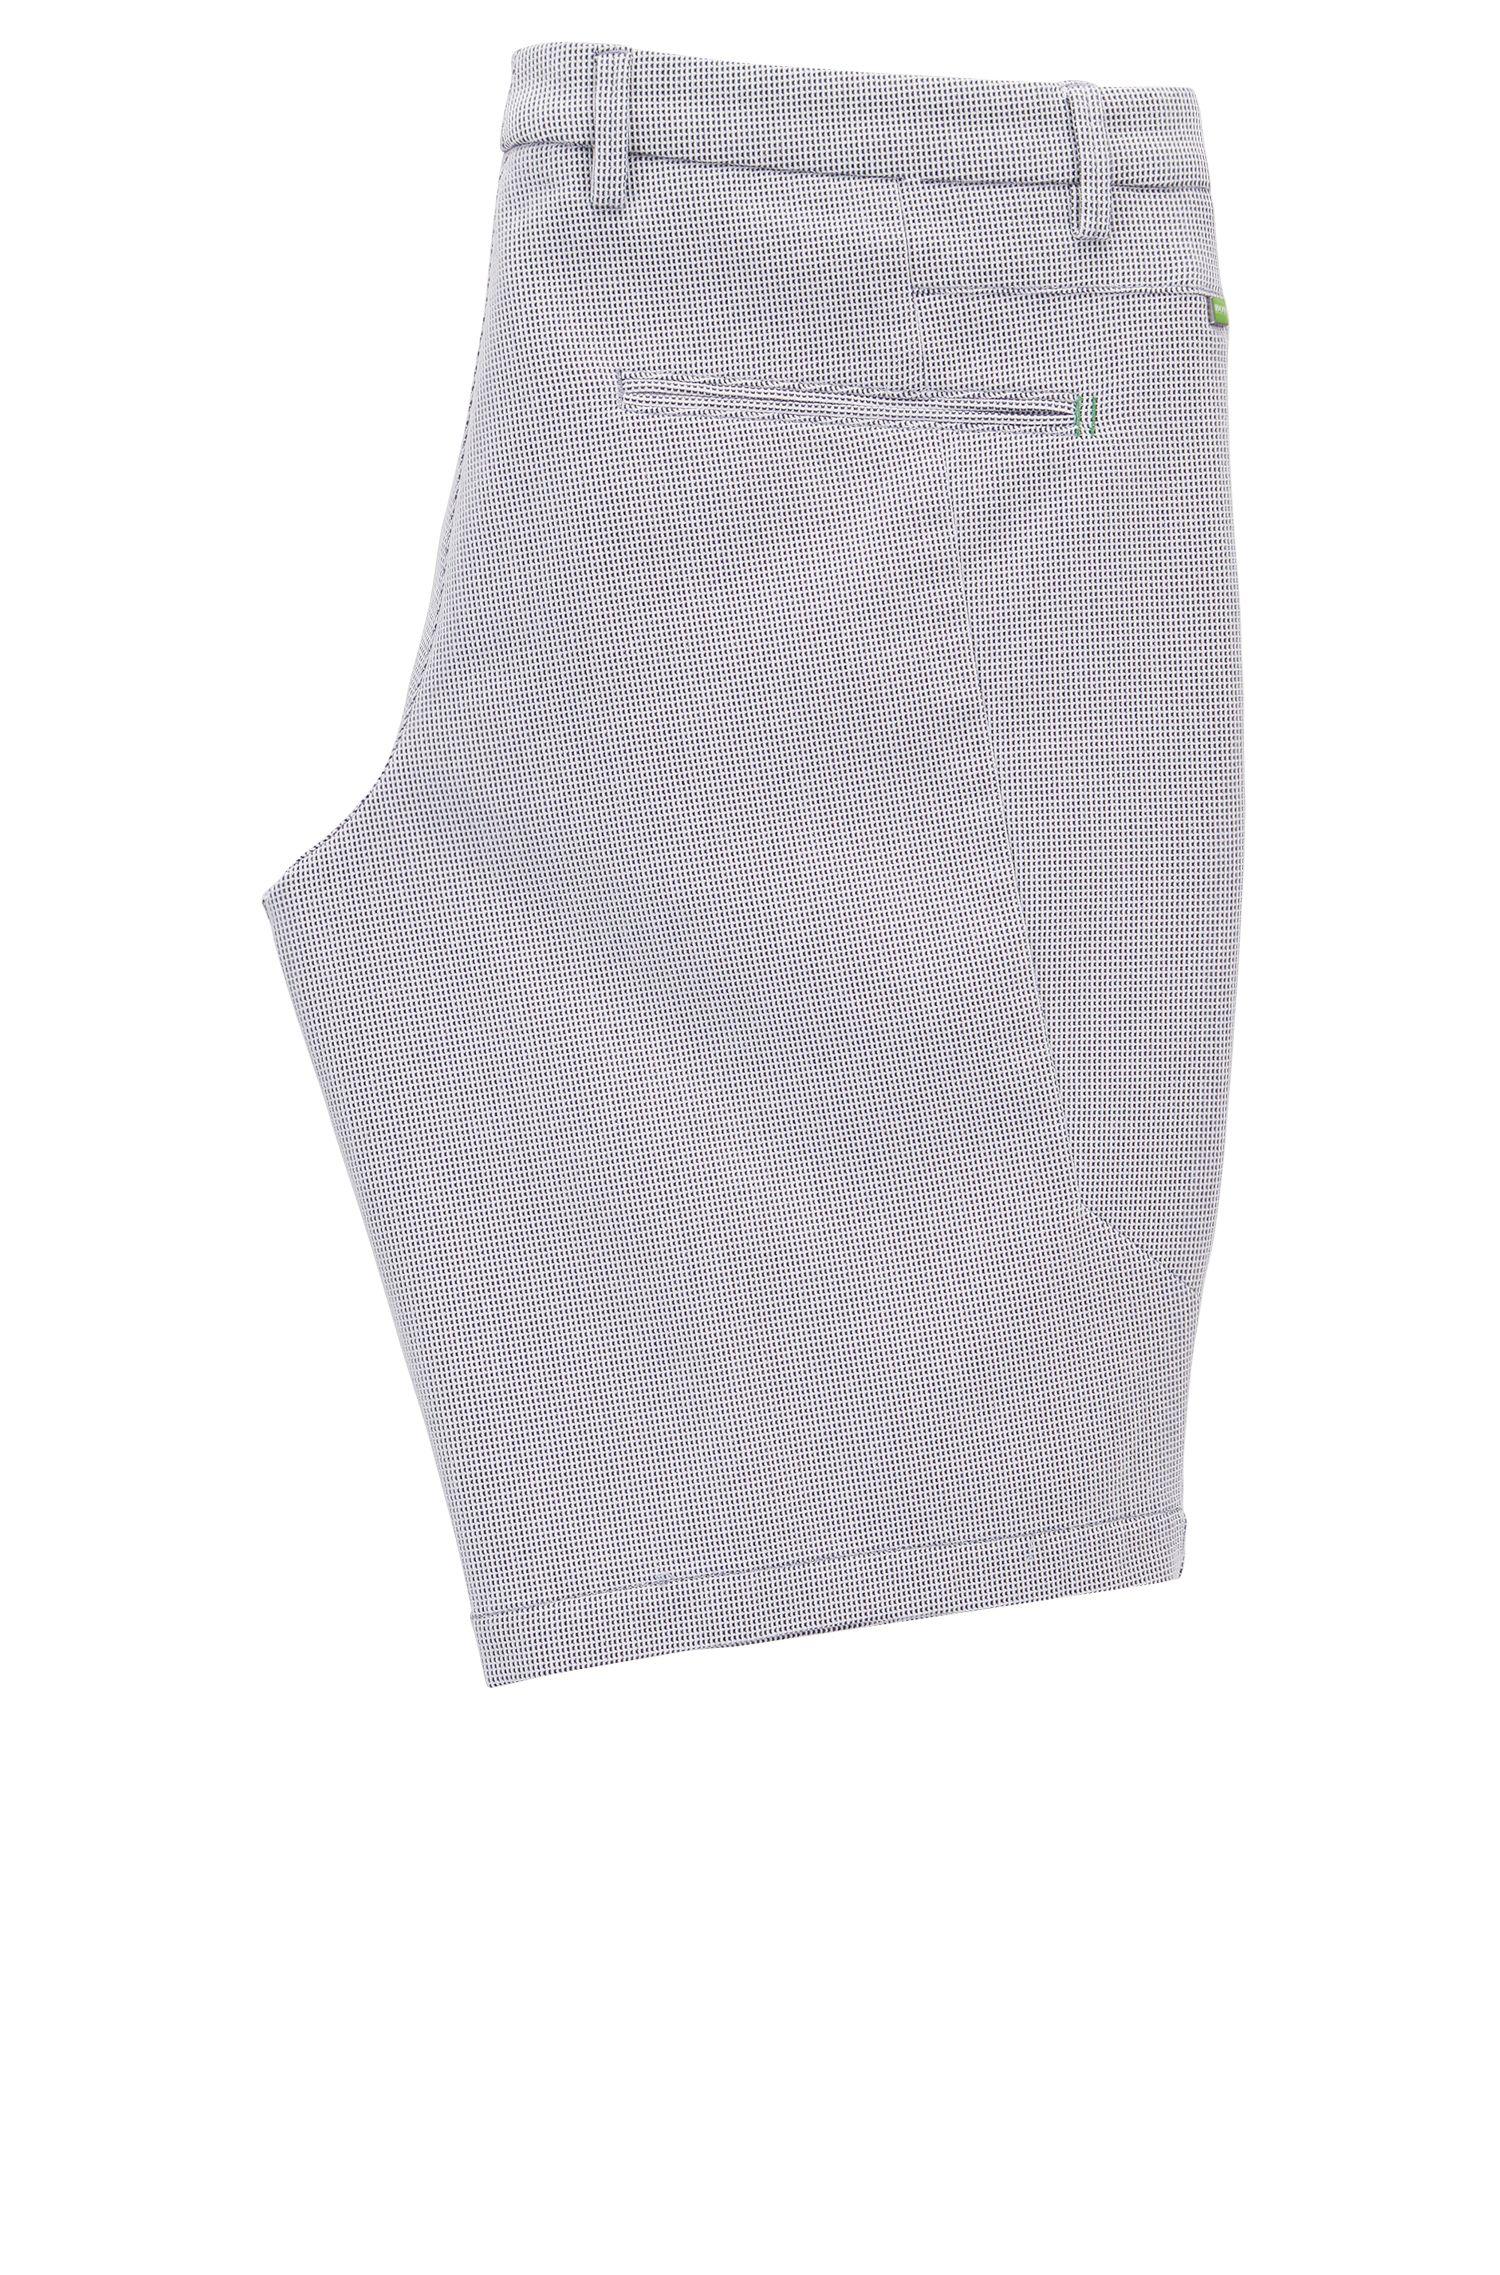 Pantaloncini slim fit in cotone elasticizzato lavorato